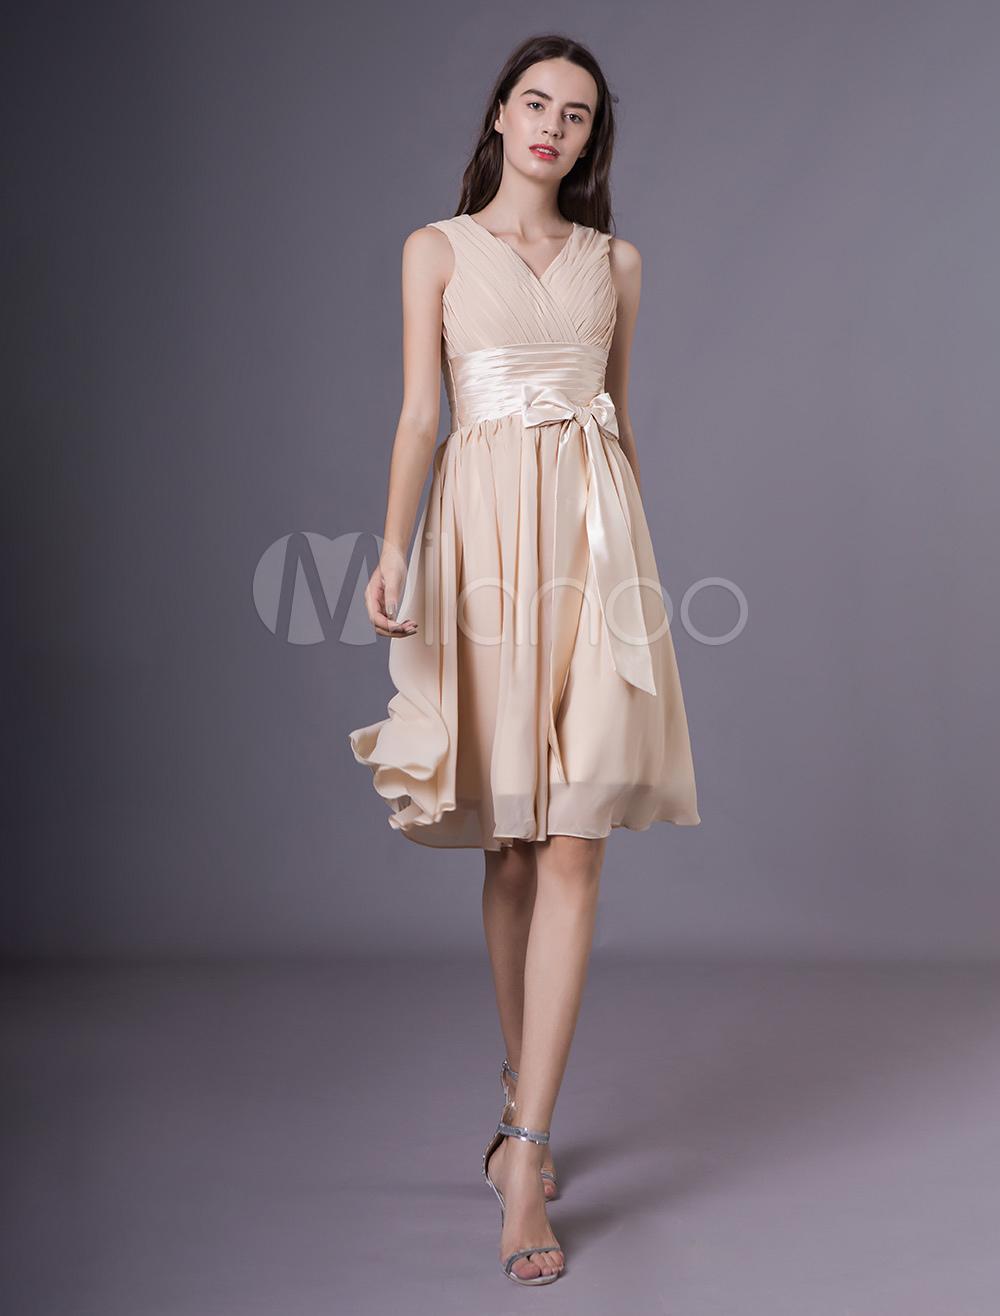 Kurze Brautjungfer Kleider Champagne Chiffon Bow Sash Hochzeit Kleid